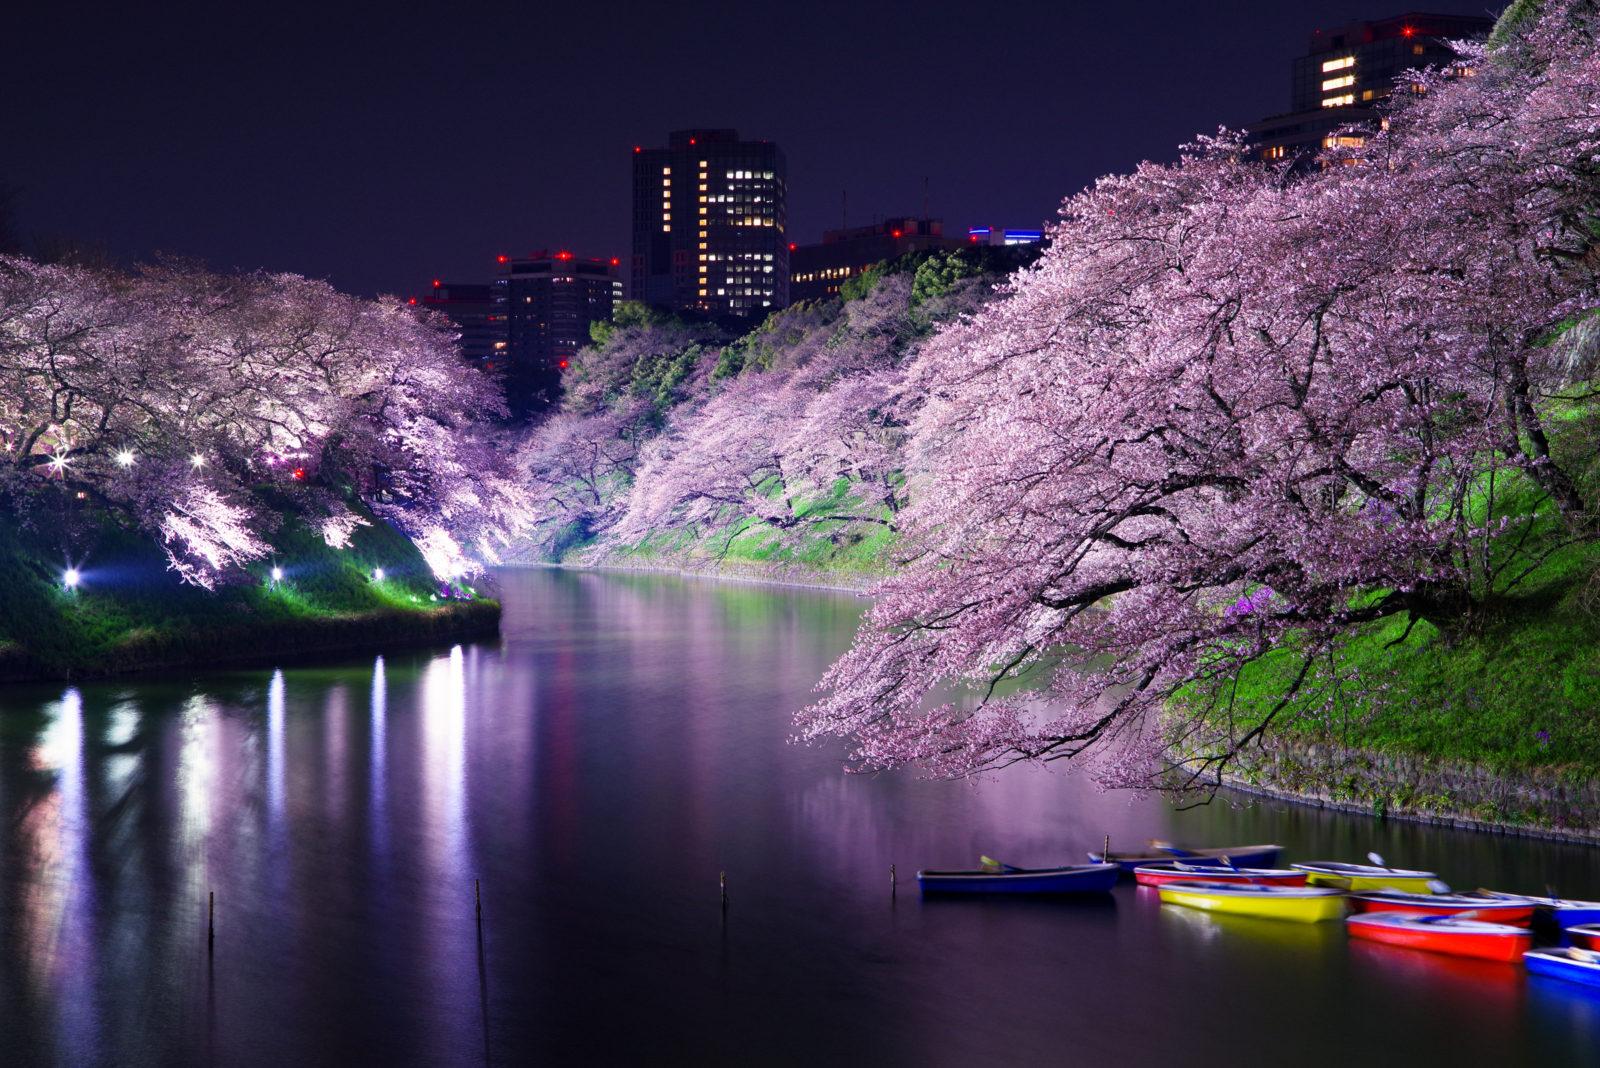 千鳥ヶ淵の桜ライトアップ | PENTAX K-1&FA★28-70mm